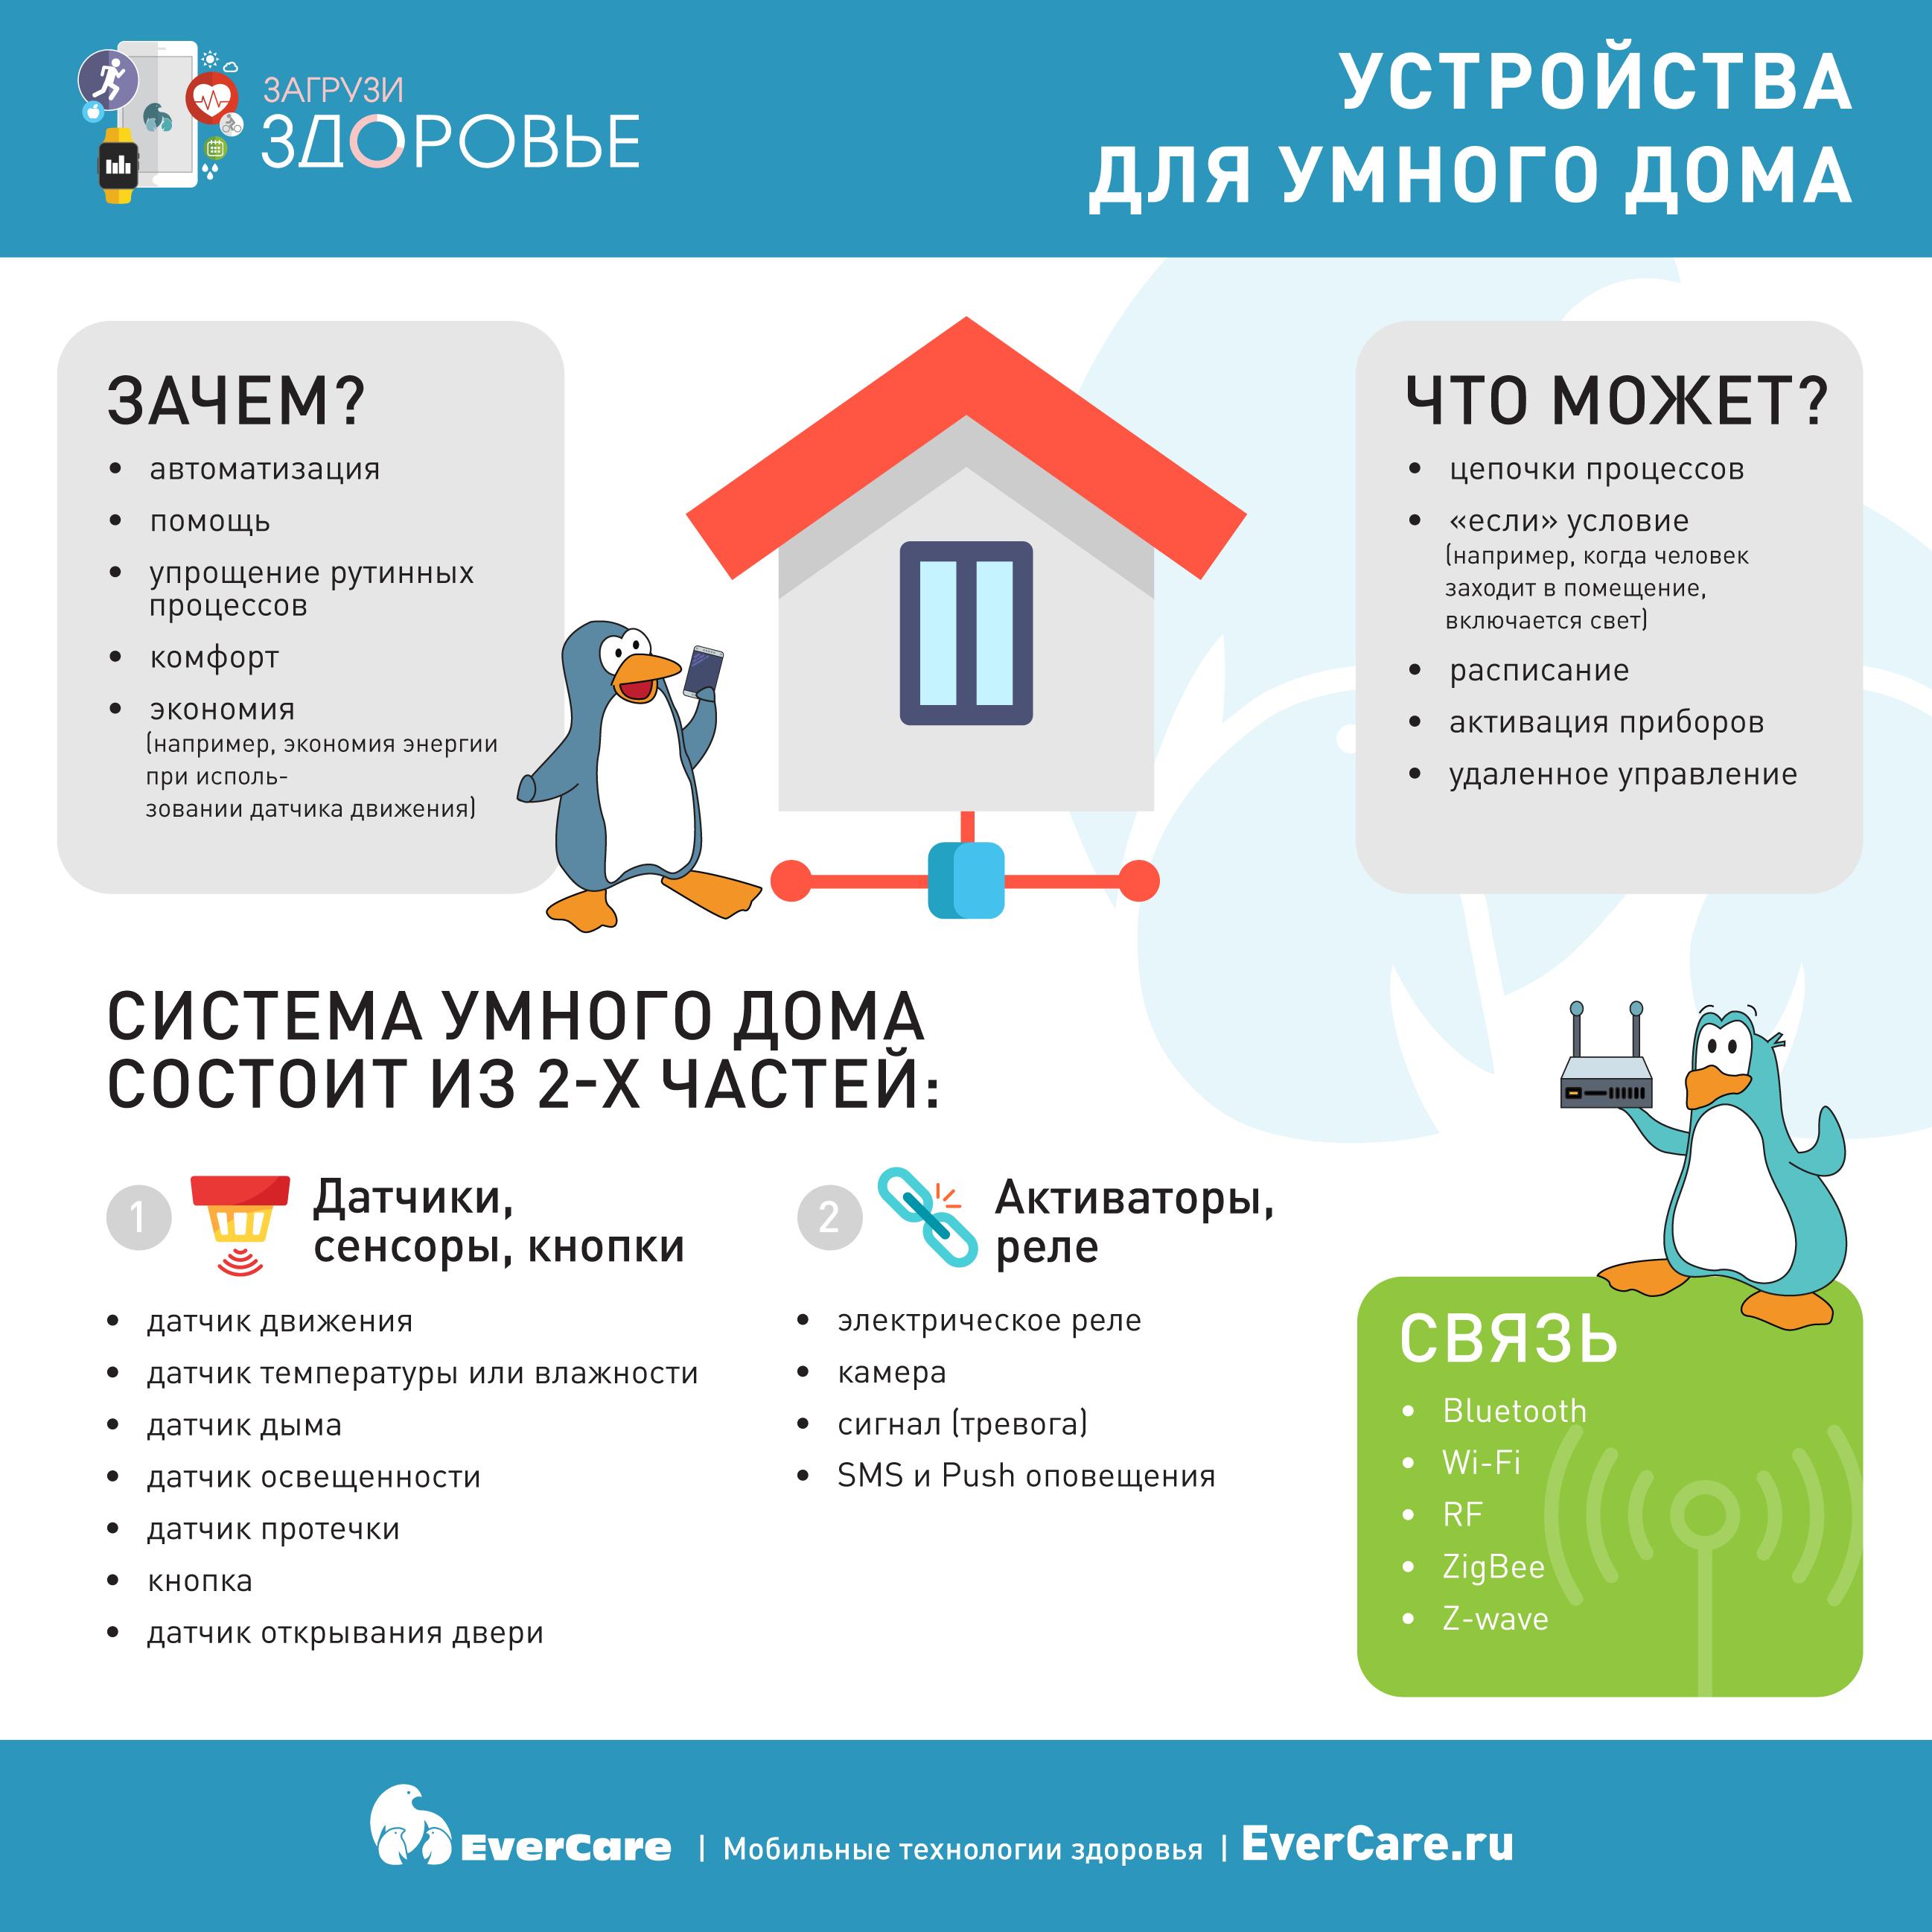 Устройства для умного дома, Инфографика